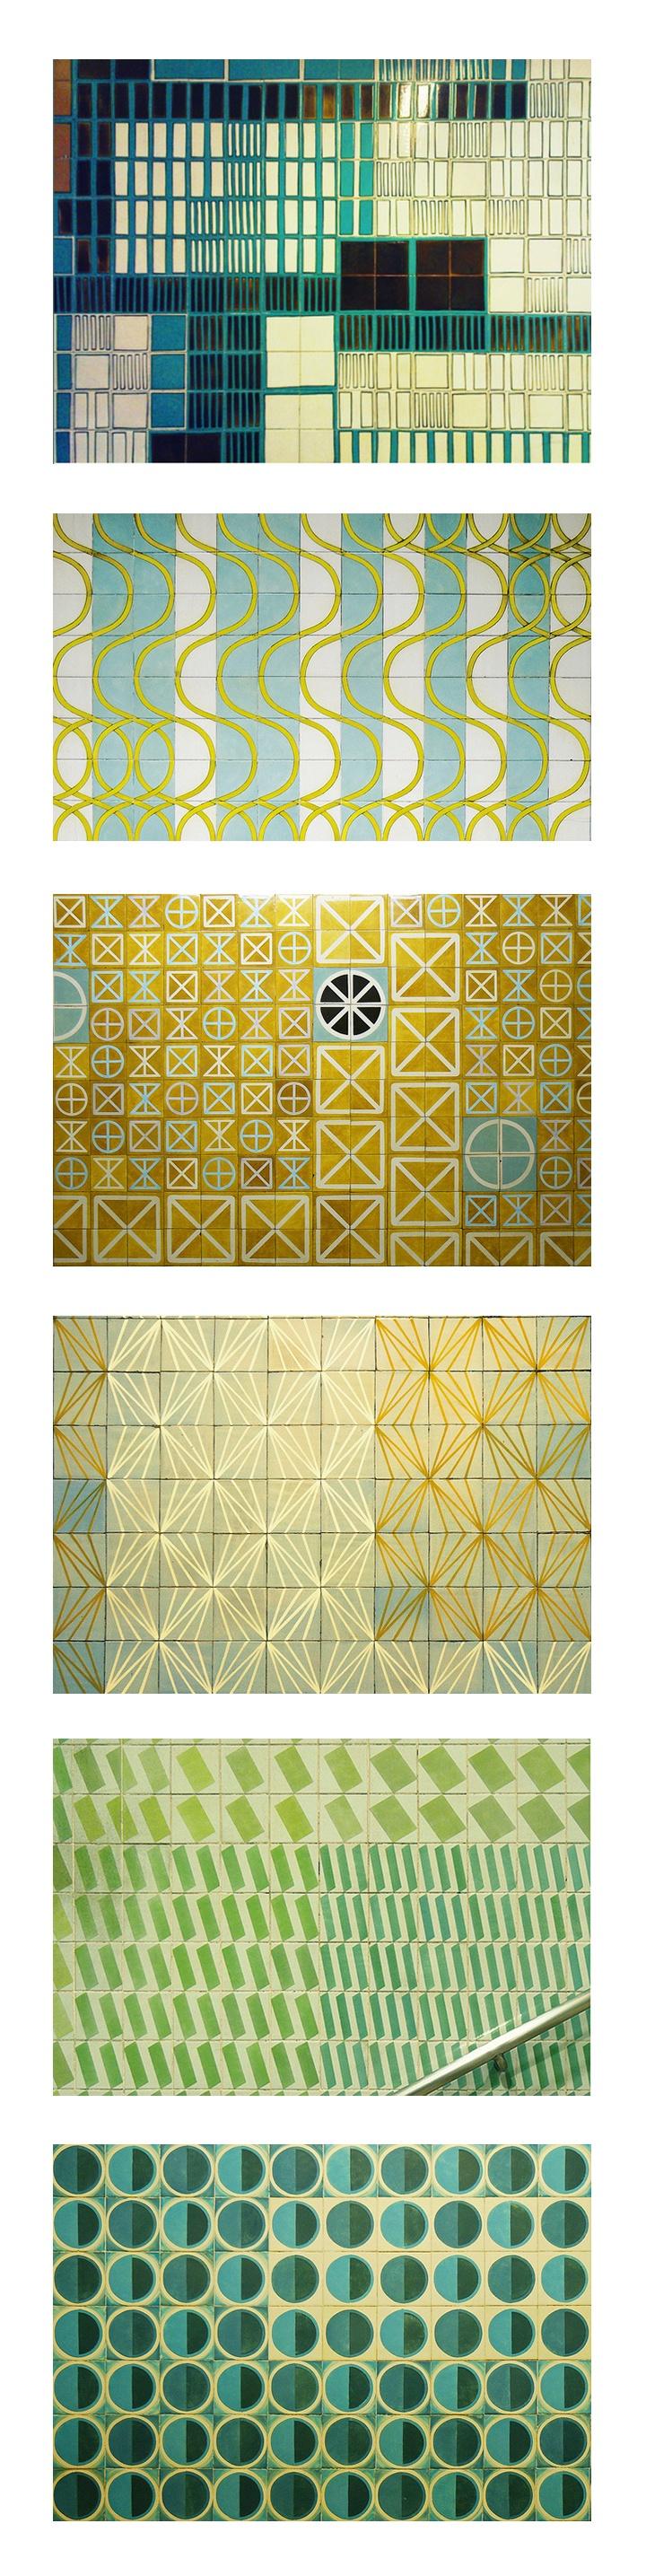 azulejos * Maria Keil * Portugal <3